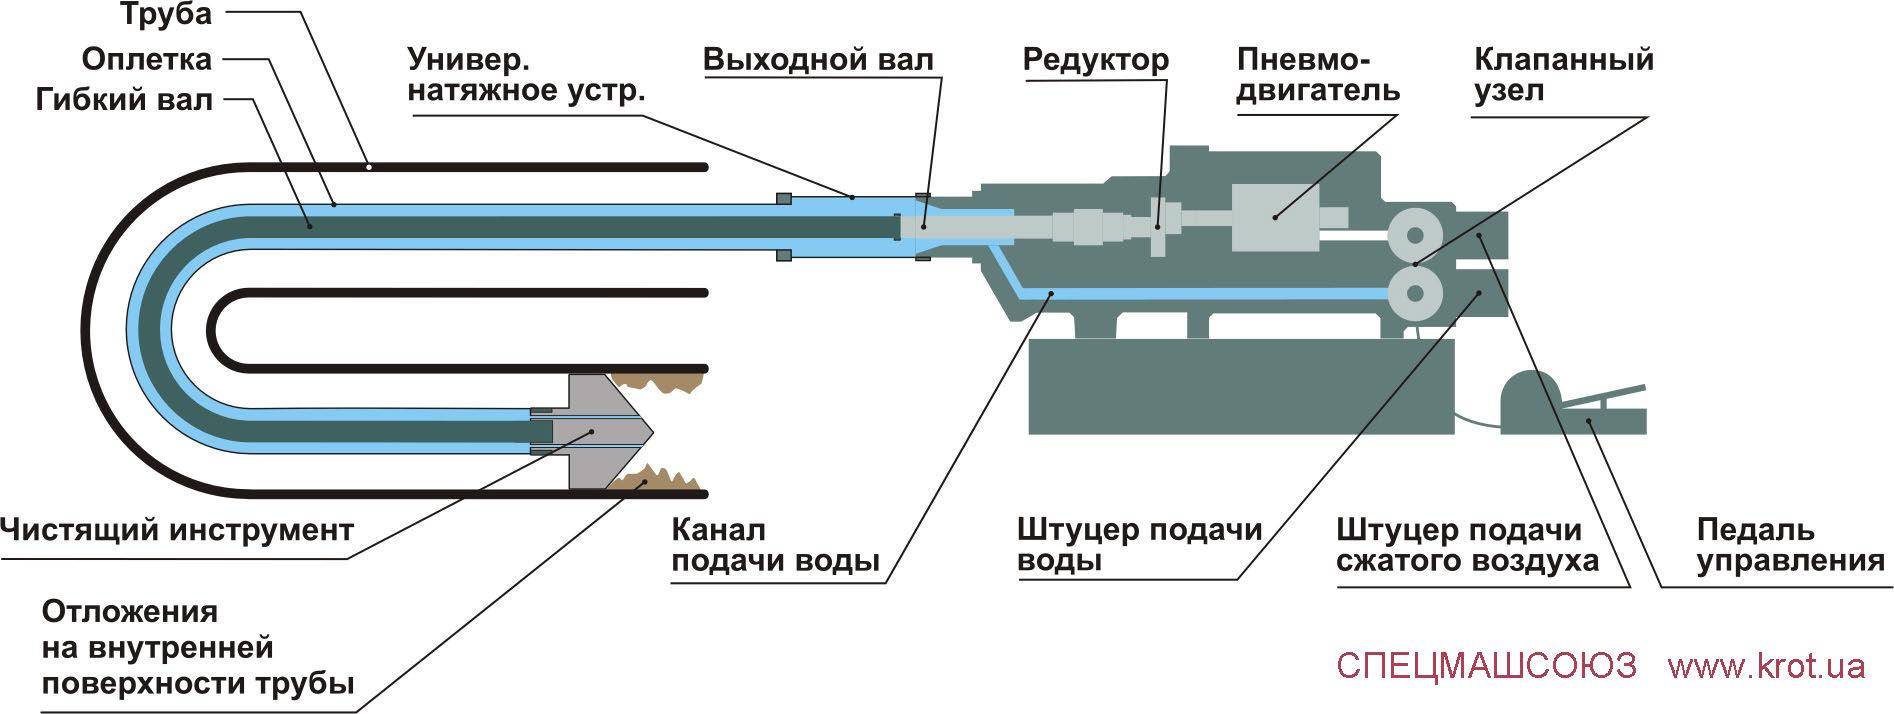 Гидромеханическая очистка труб  стационарной установкой КРОТ